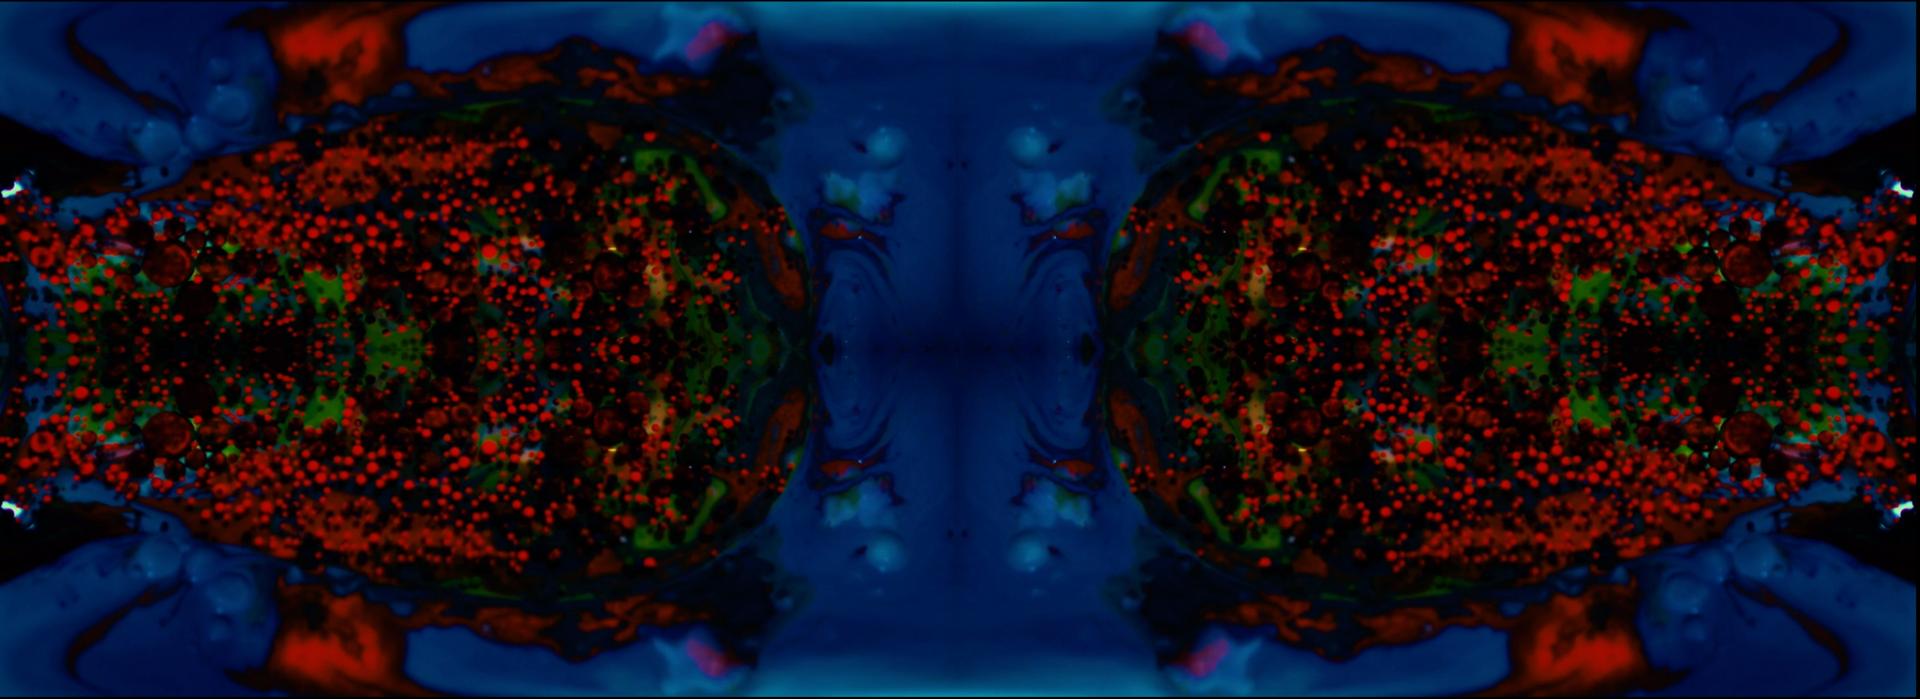 Screen Shot 2020-03-09 at 5.37.03 PM.png